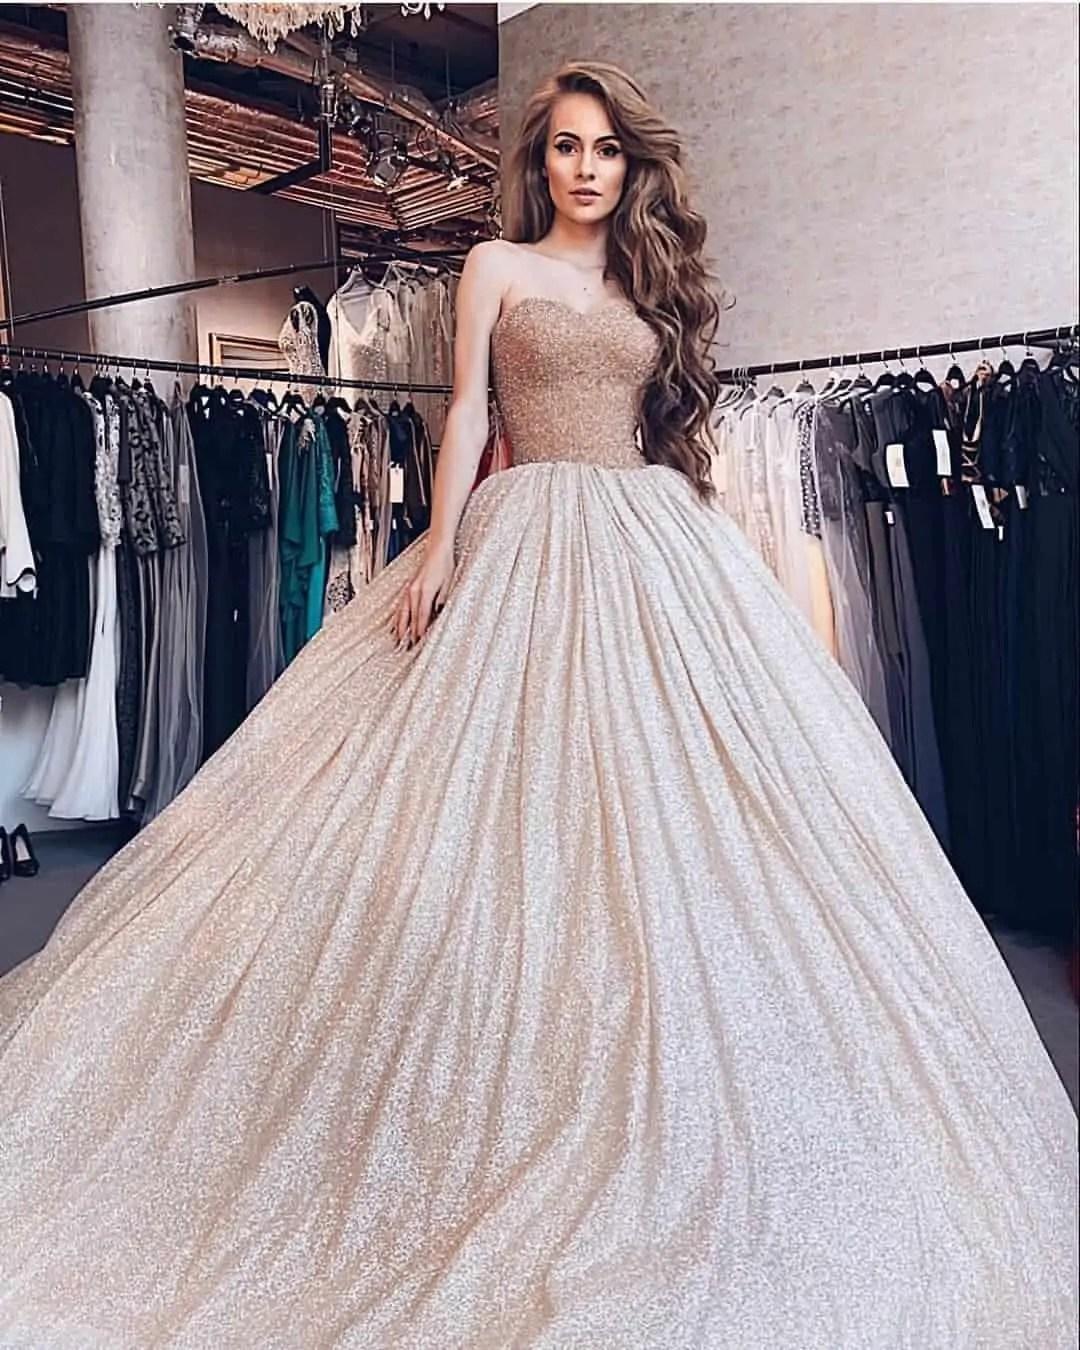 fashion_lover.66_13447299637193735148143994795462239130564952n 5